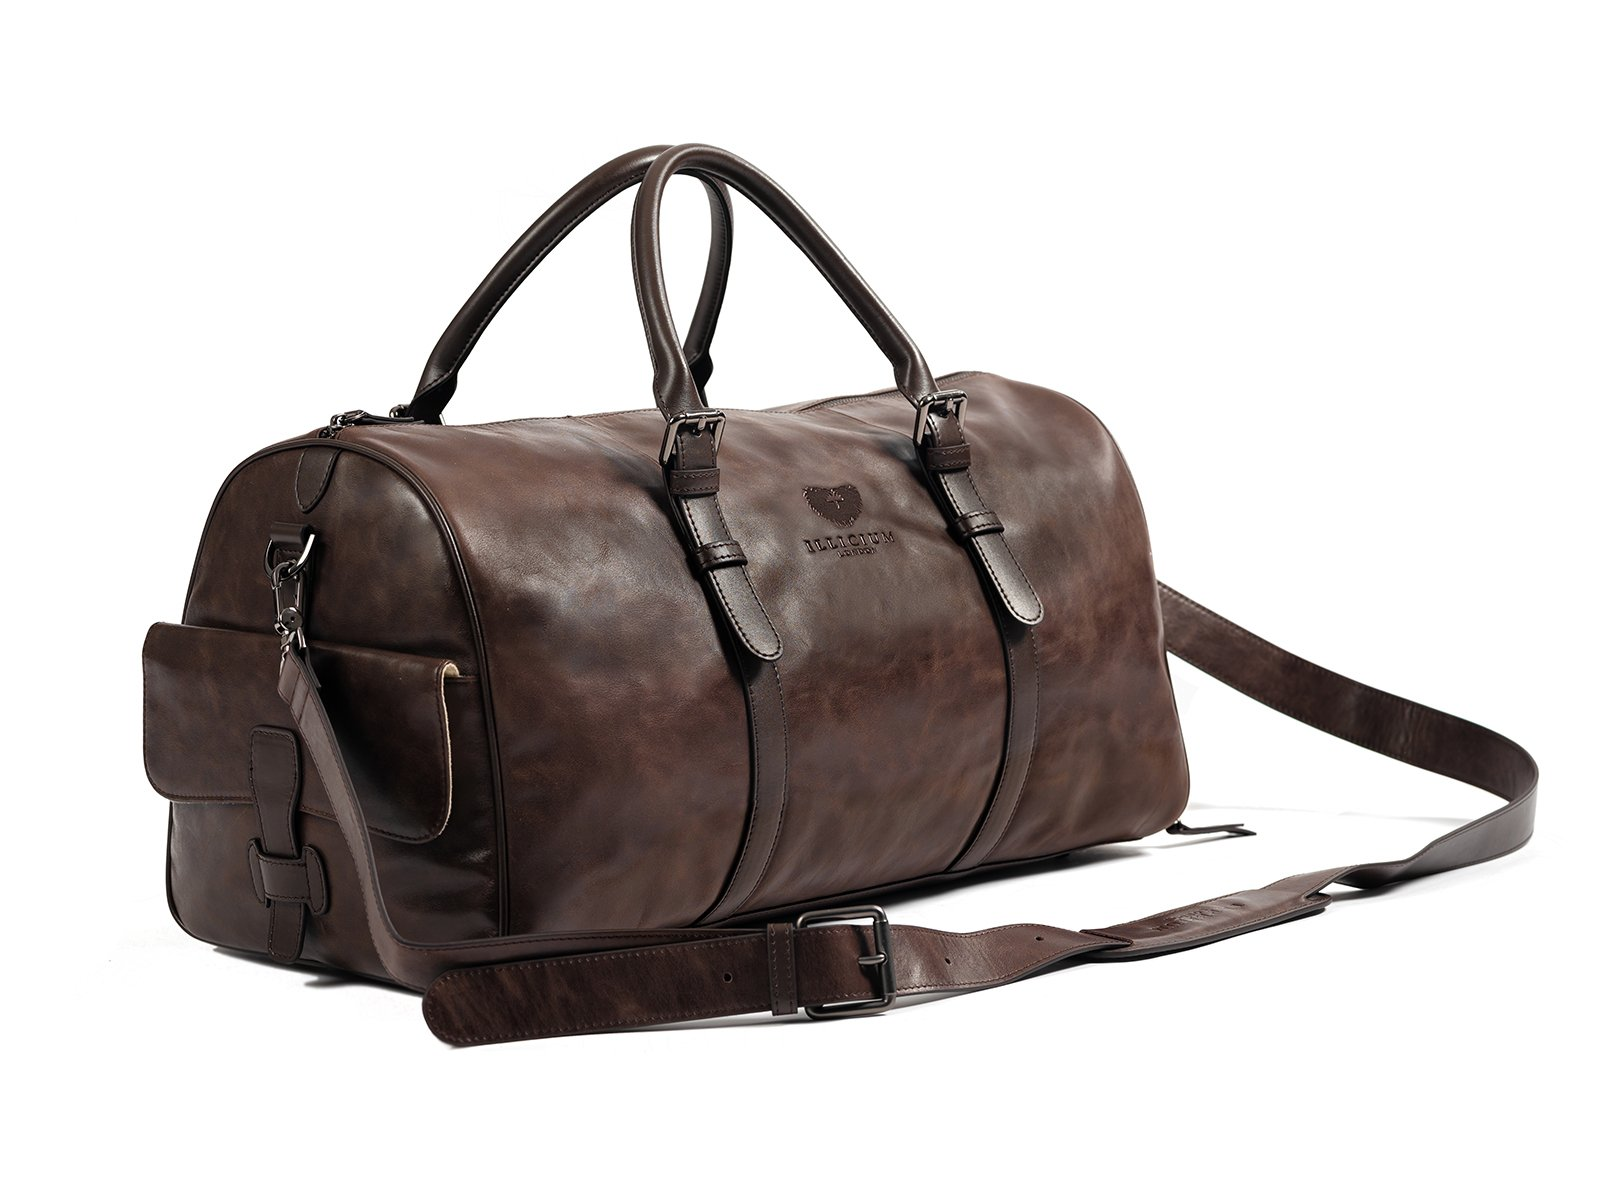 Kingsman dark brown duffle bag